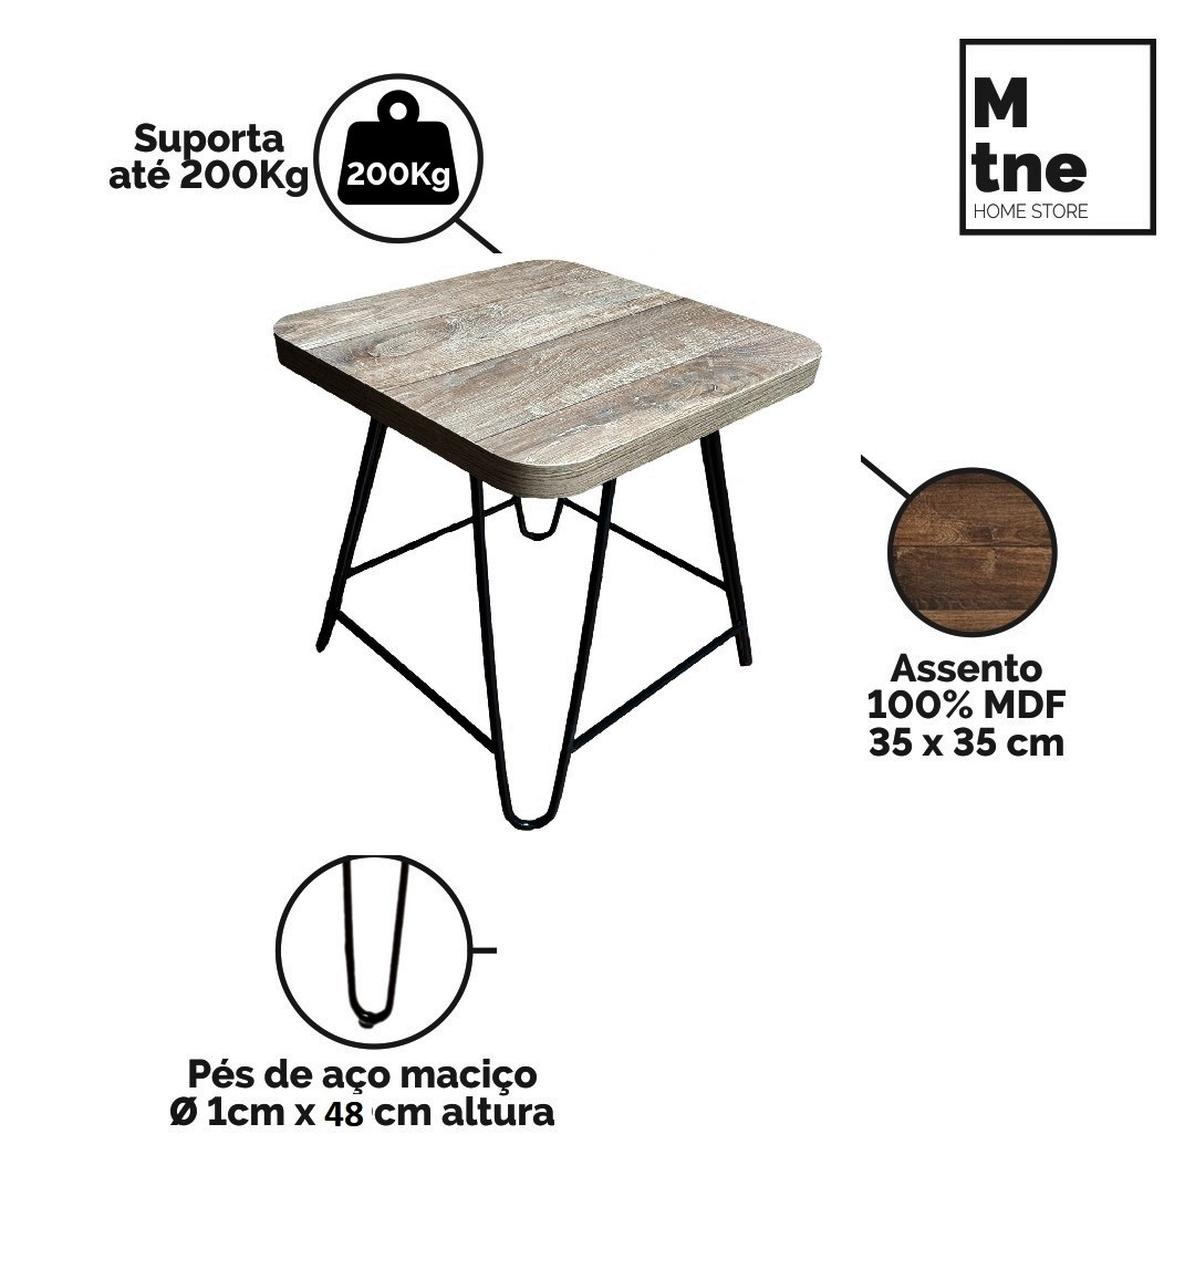 Mesa de Jantar com 2 Banquinhos Western com Squared Legs e Tampo 100% MDF  - Mtne Store